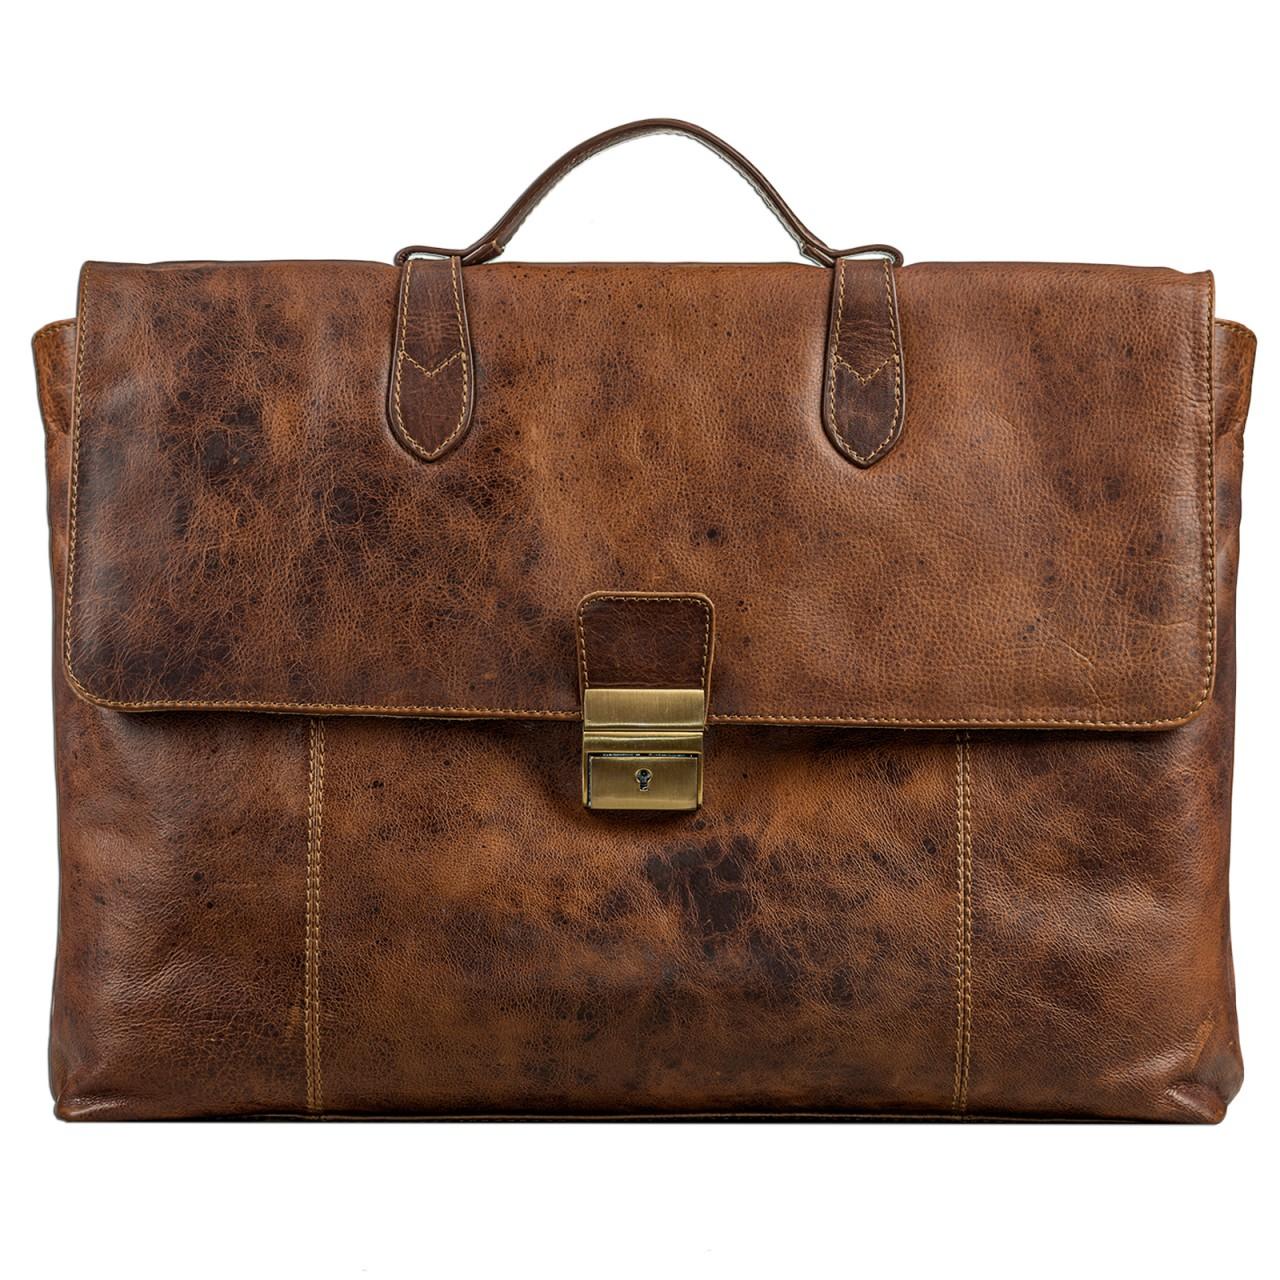 STILORD Vintage Businesstasche aus echtem Leder elegante Arbeitstasche Aktentasche Lehrertasche mit Schloss Rinds Leder Braun - Bild 2